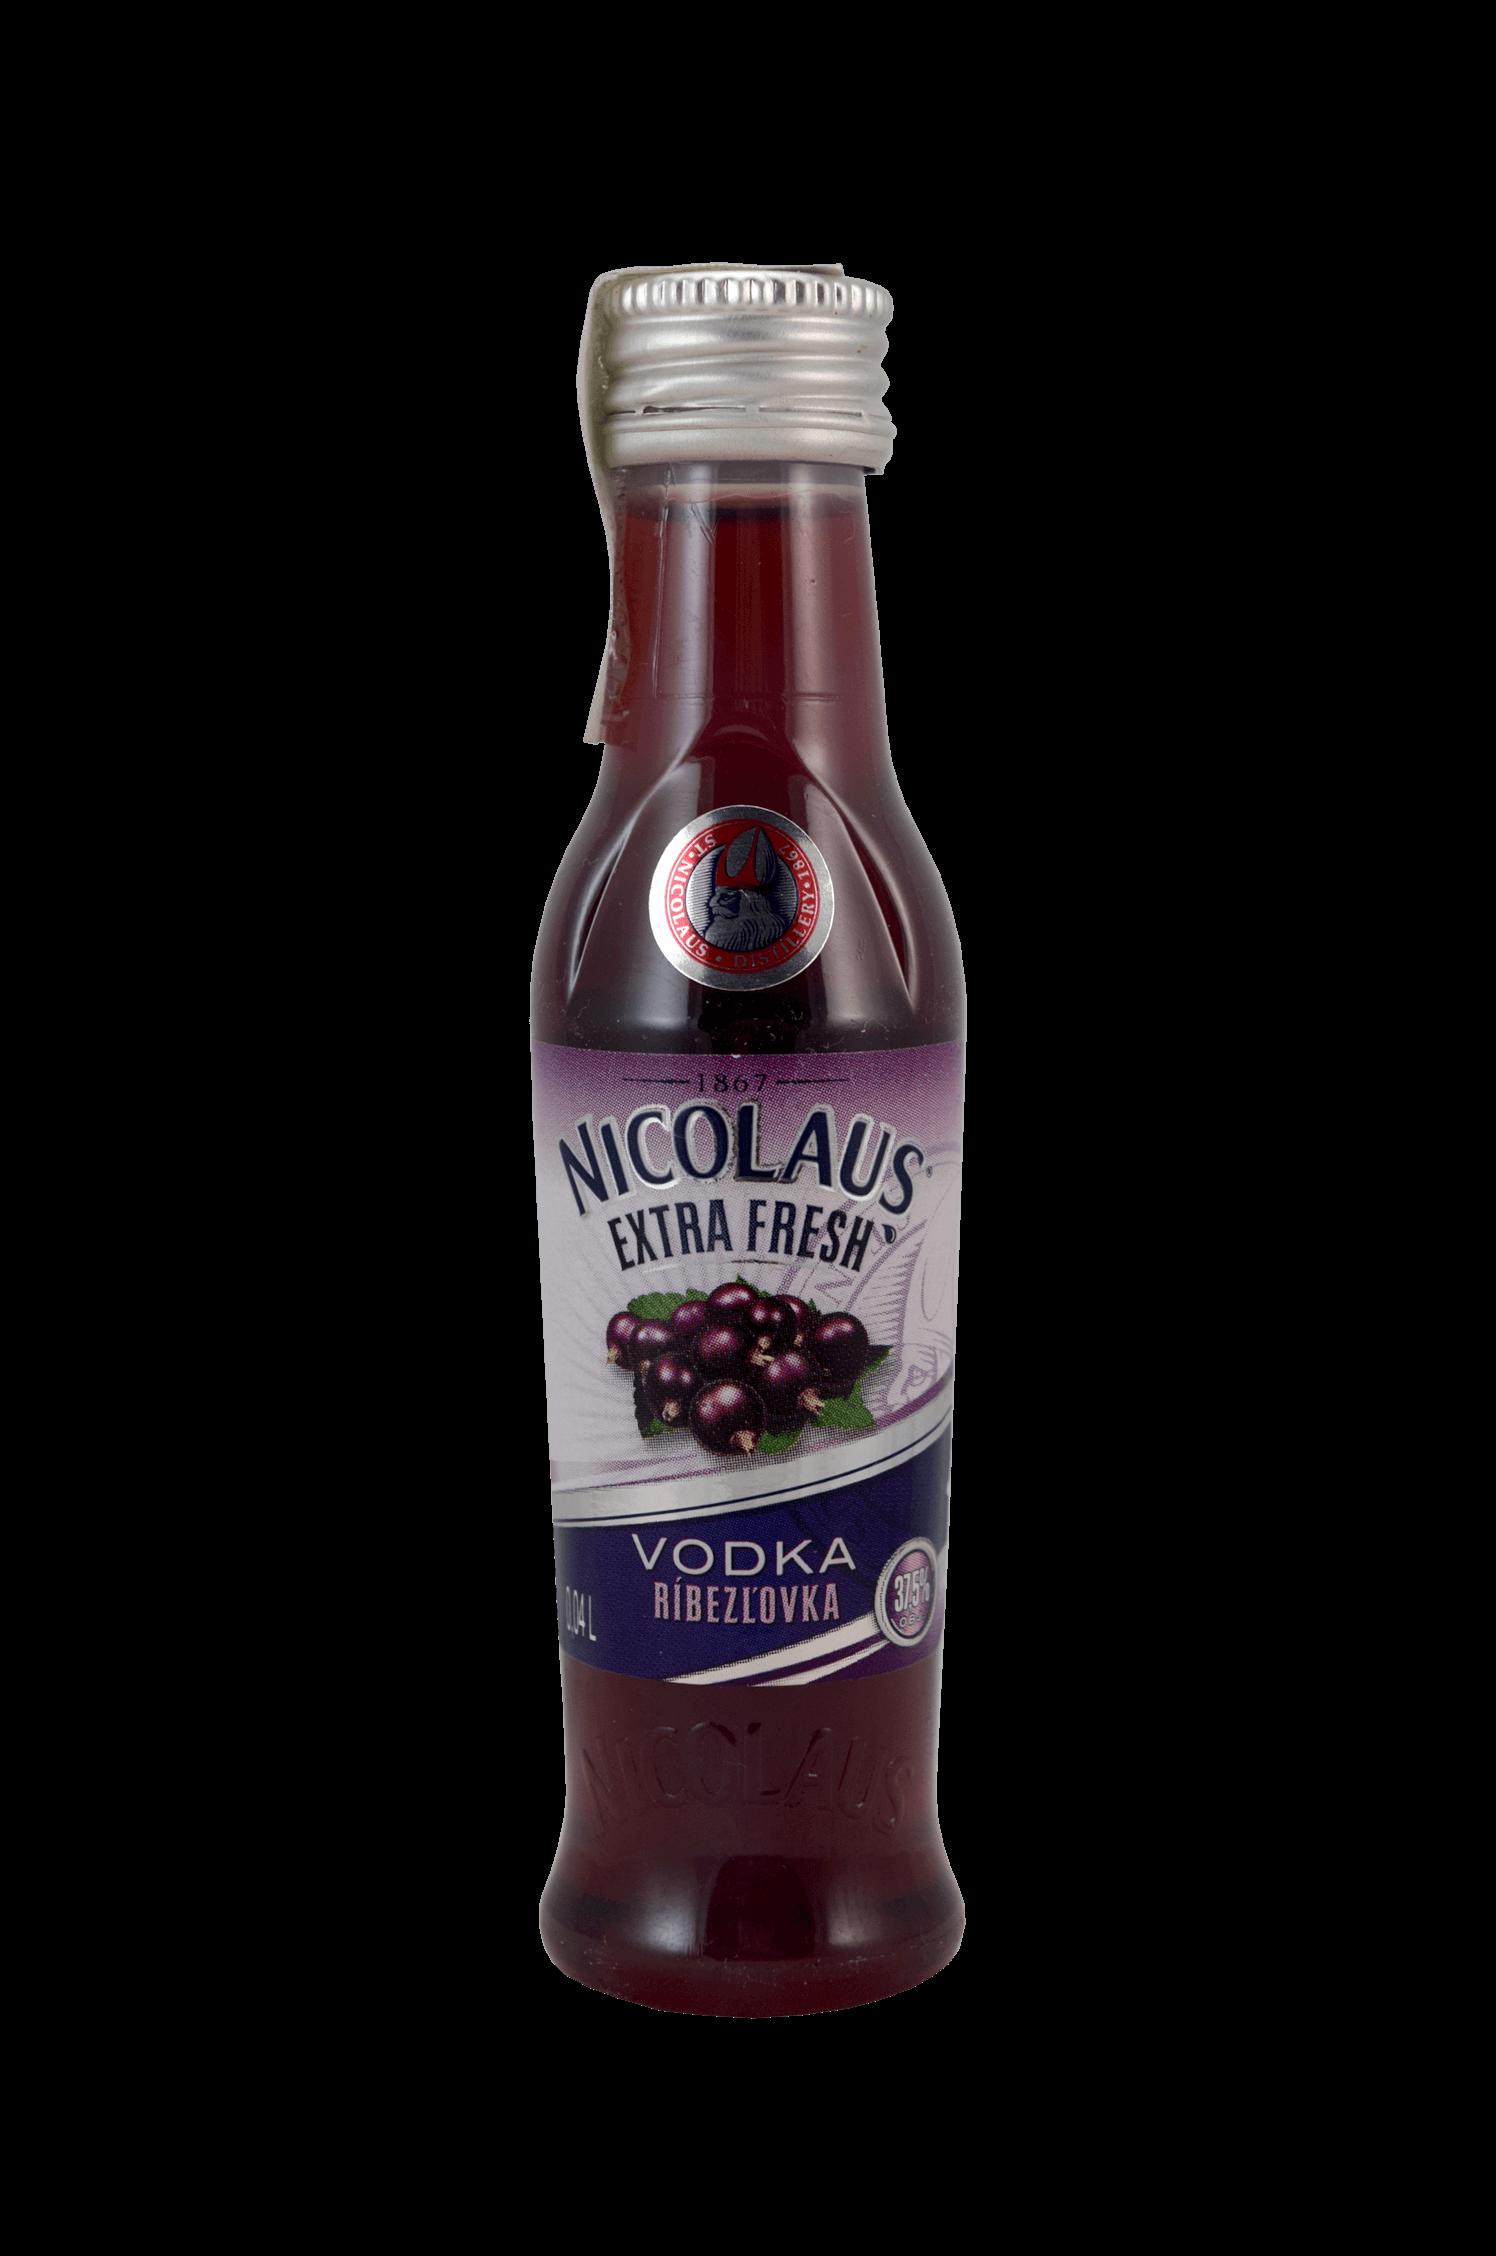 Nicolaus Extra Fresh Vodka Ríbezľovka